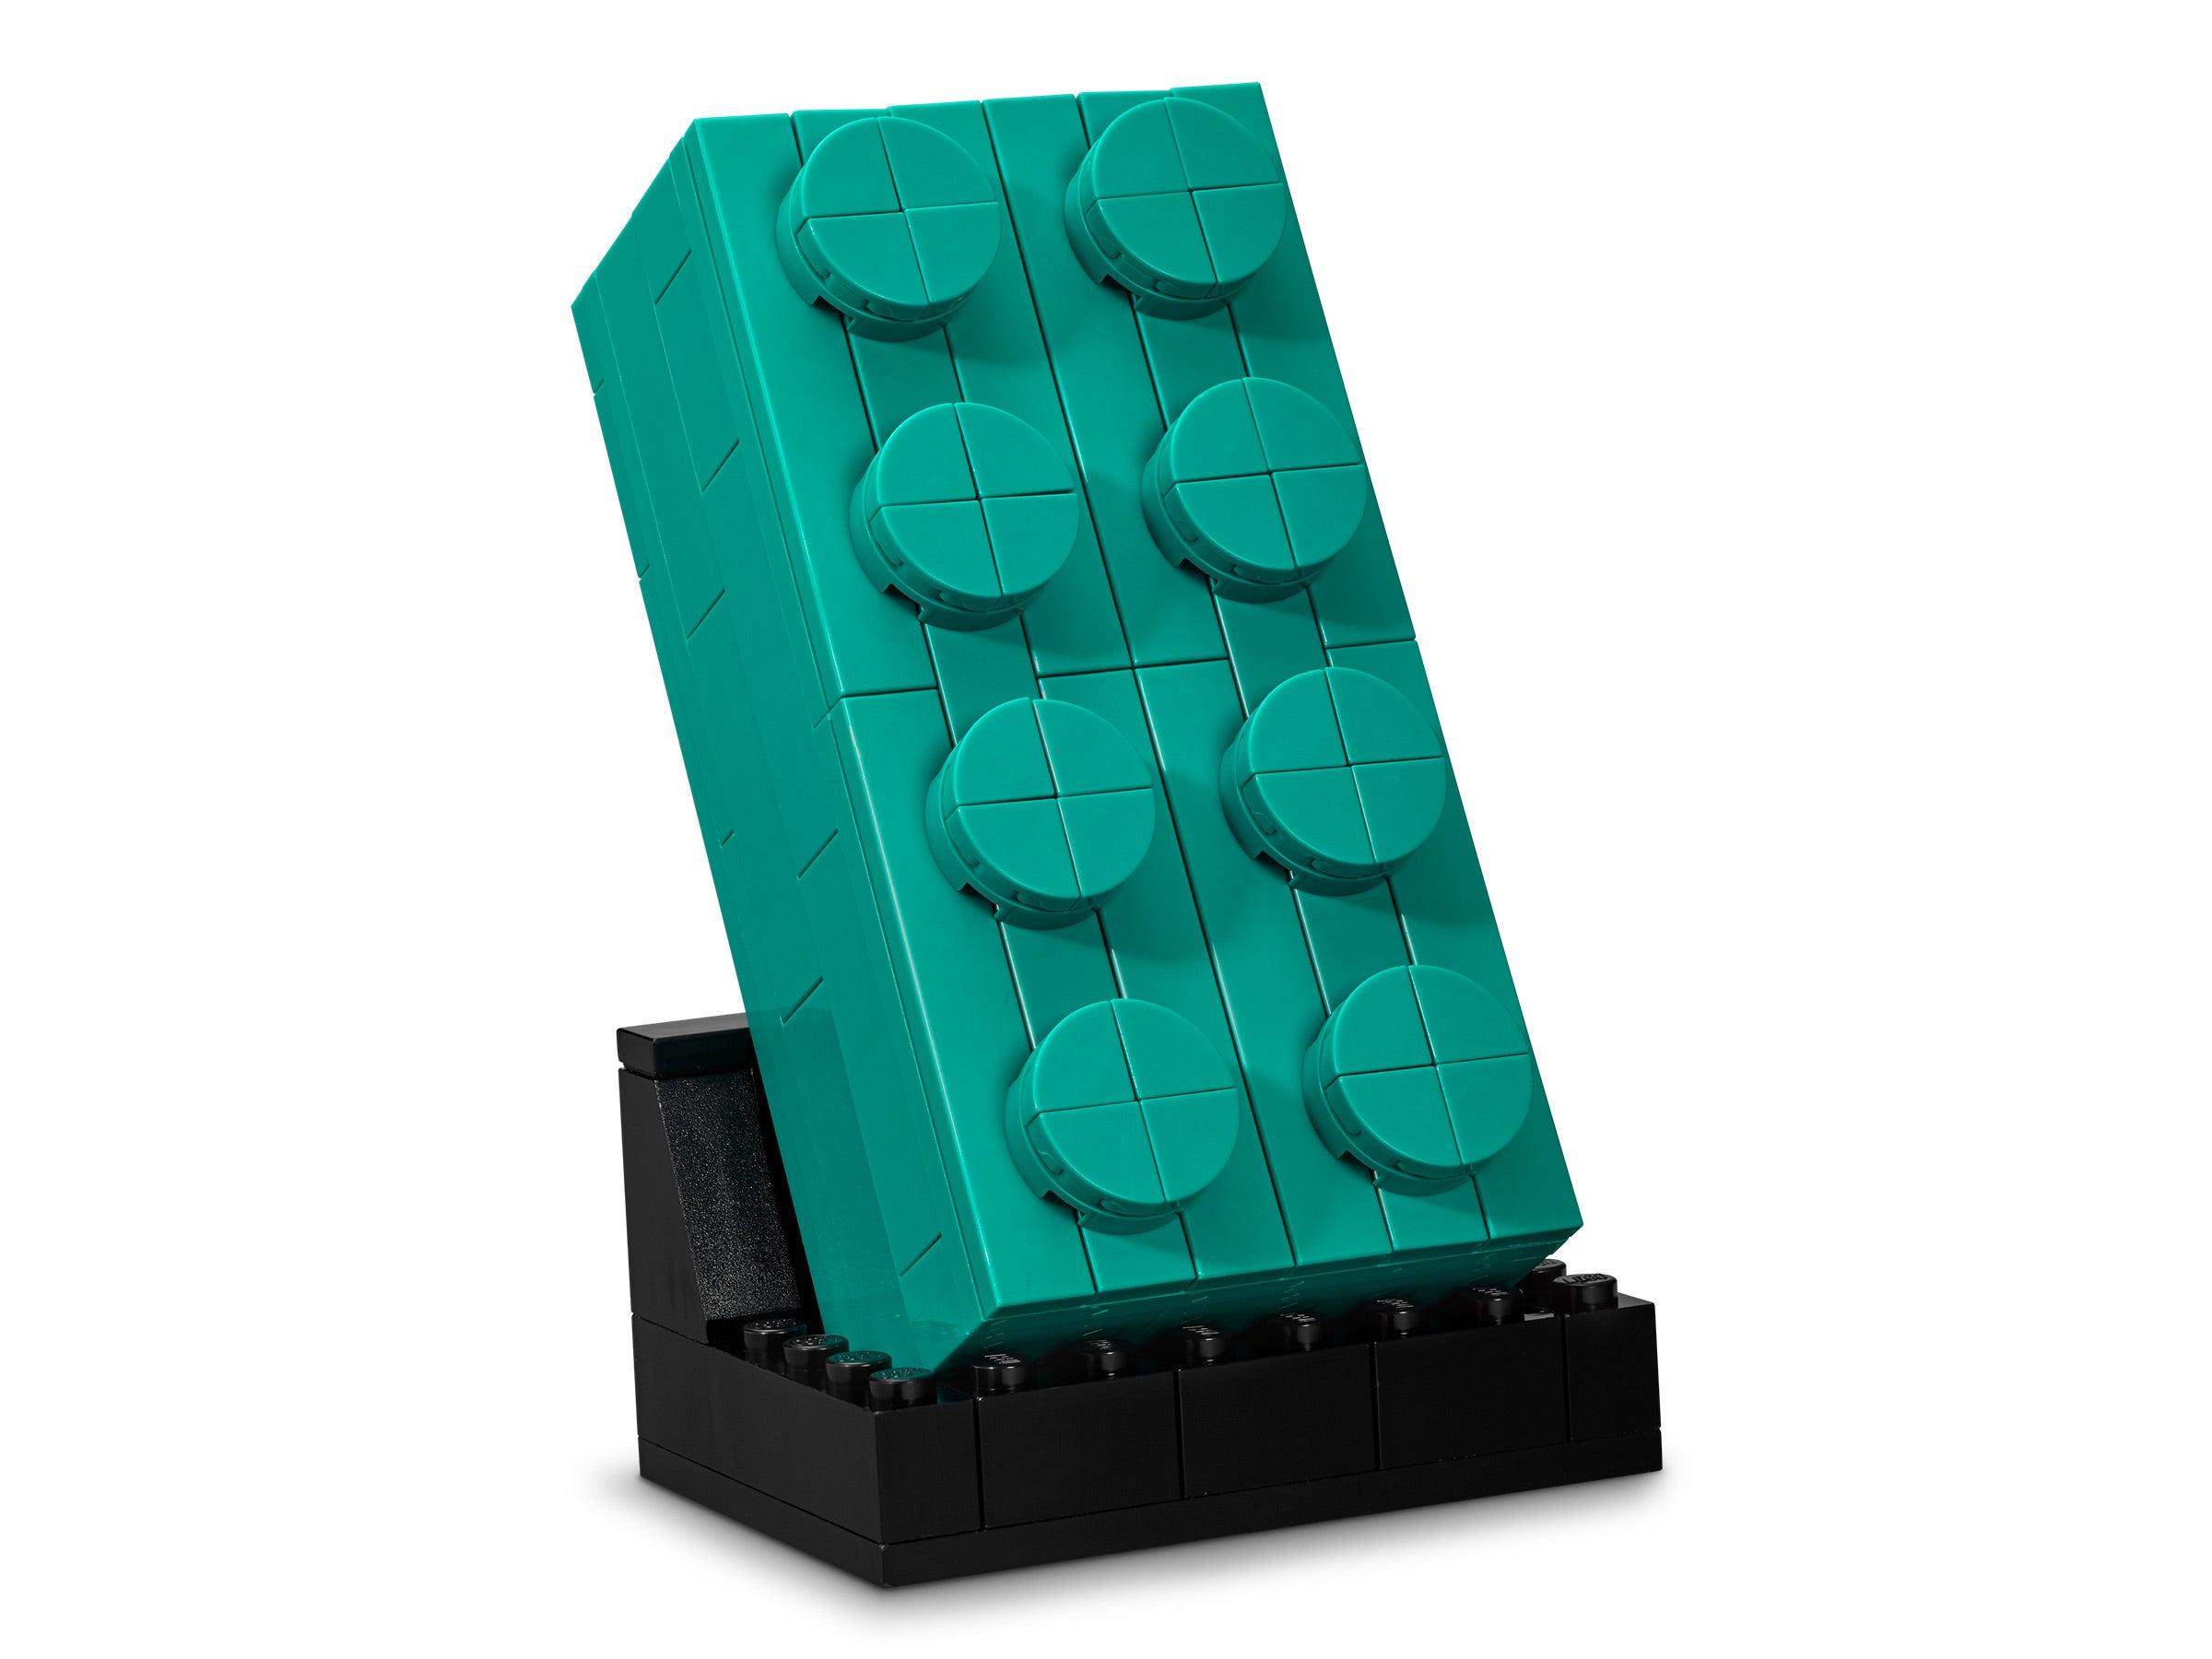 2x Brick Brick 1x12 12x1 Beige//Tan 6112 New Lego